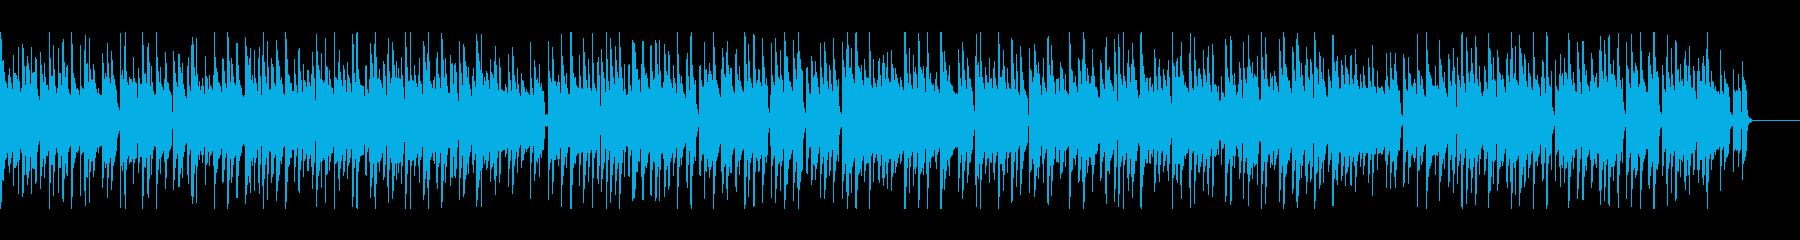 夏の海に合うボサノヴァ2の再生済みの波形